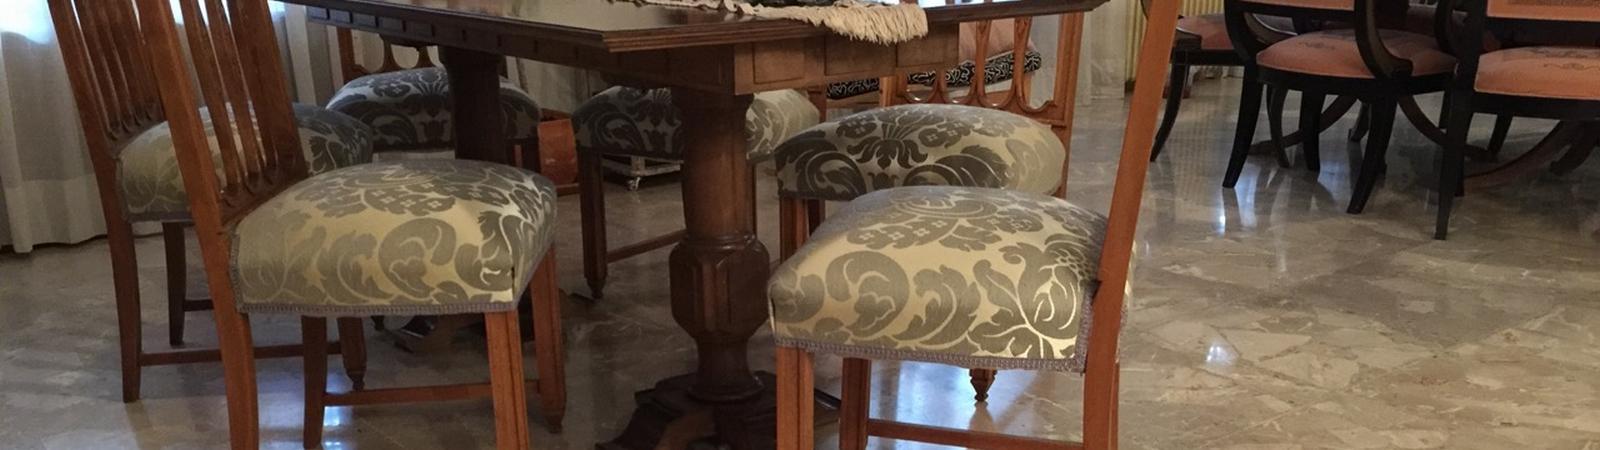 tapizar sillon relax en Riba roja, tapicero barato en Ribarroja